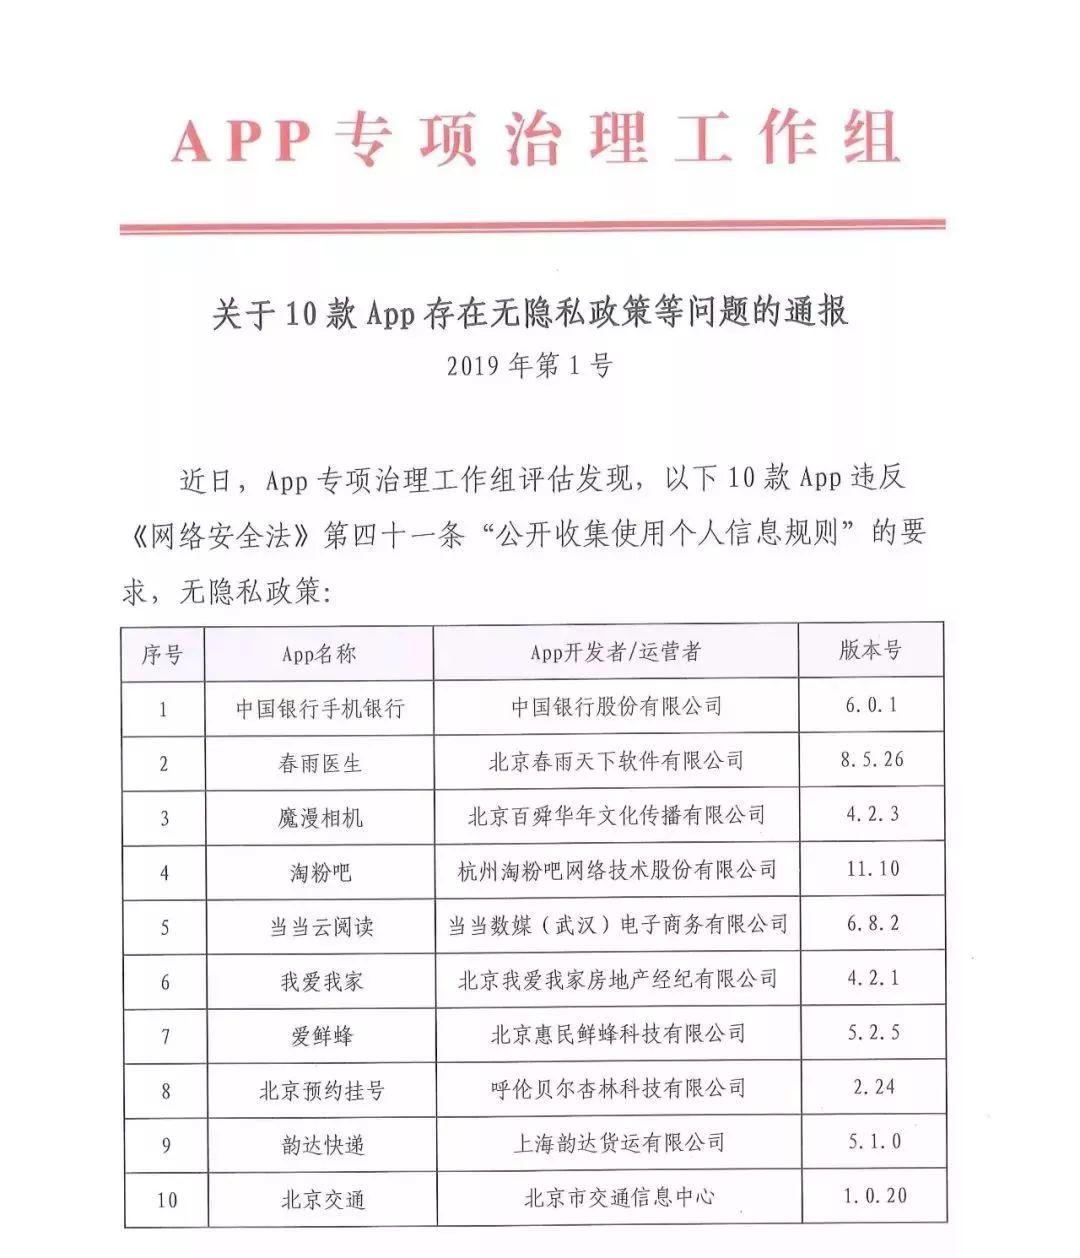 春雨医生等10款App公开收集使用个人信息等问题被通报